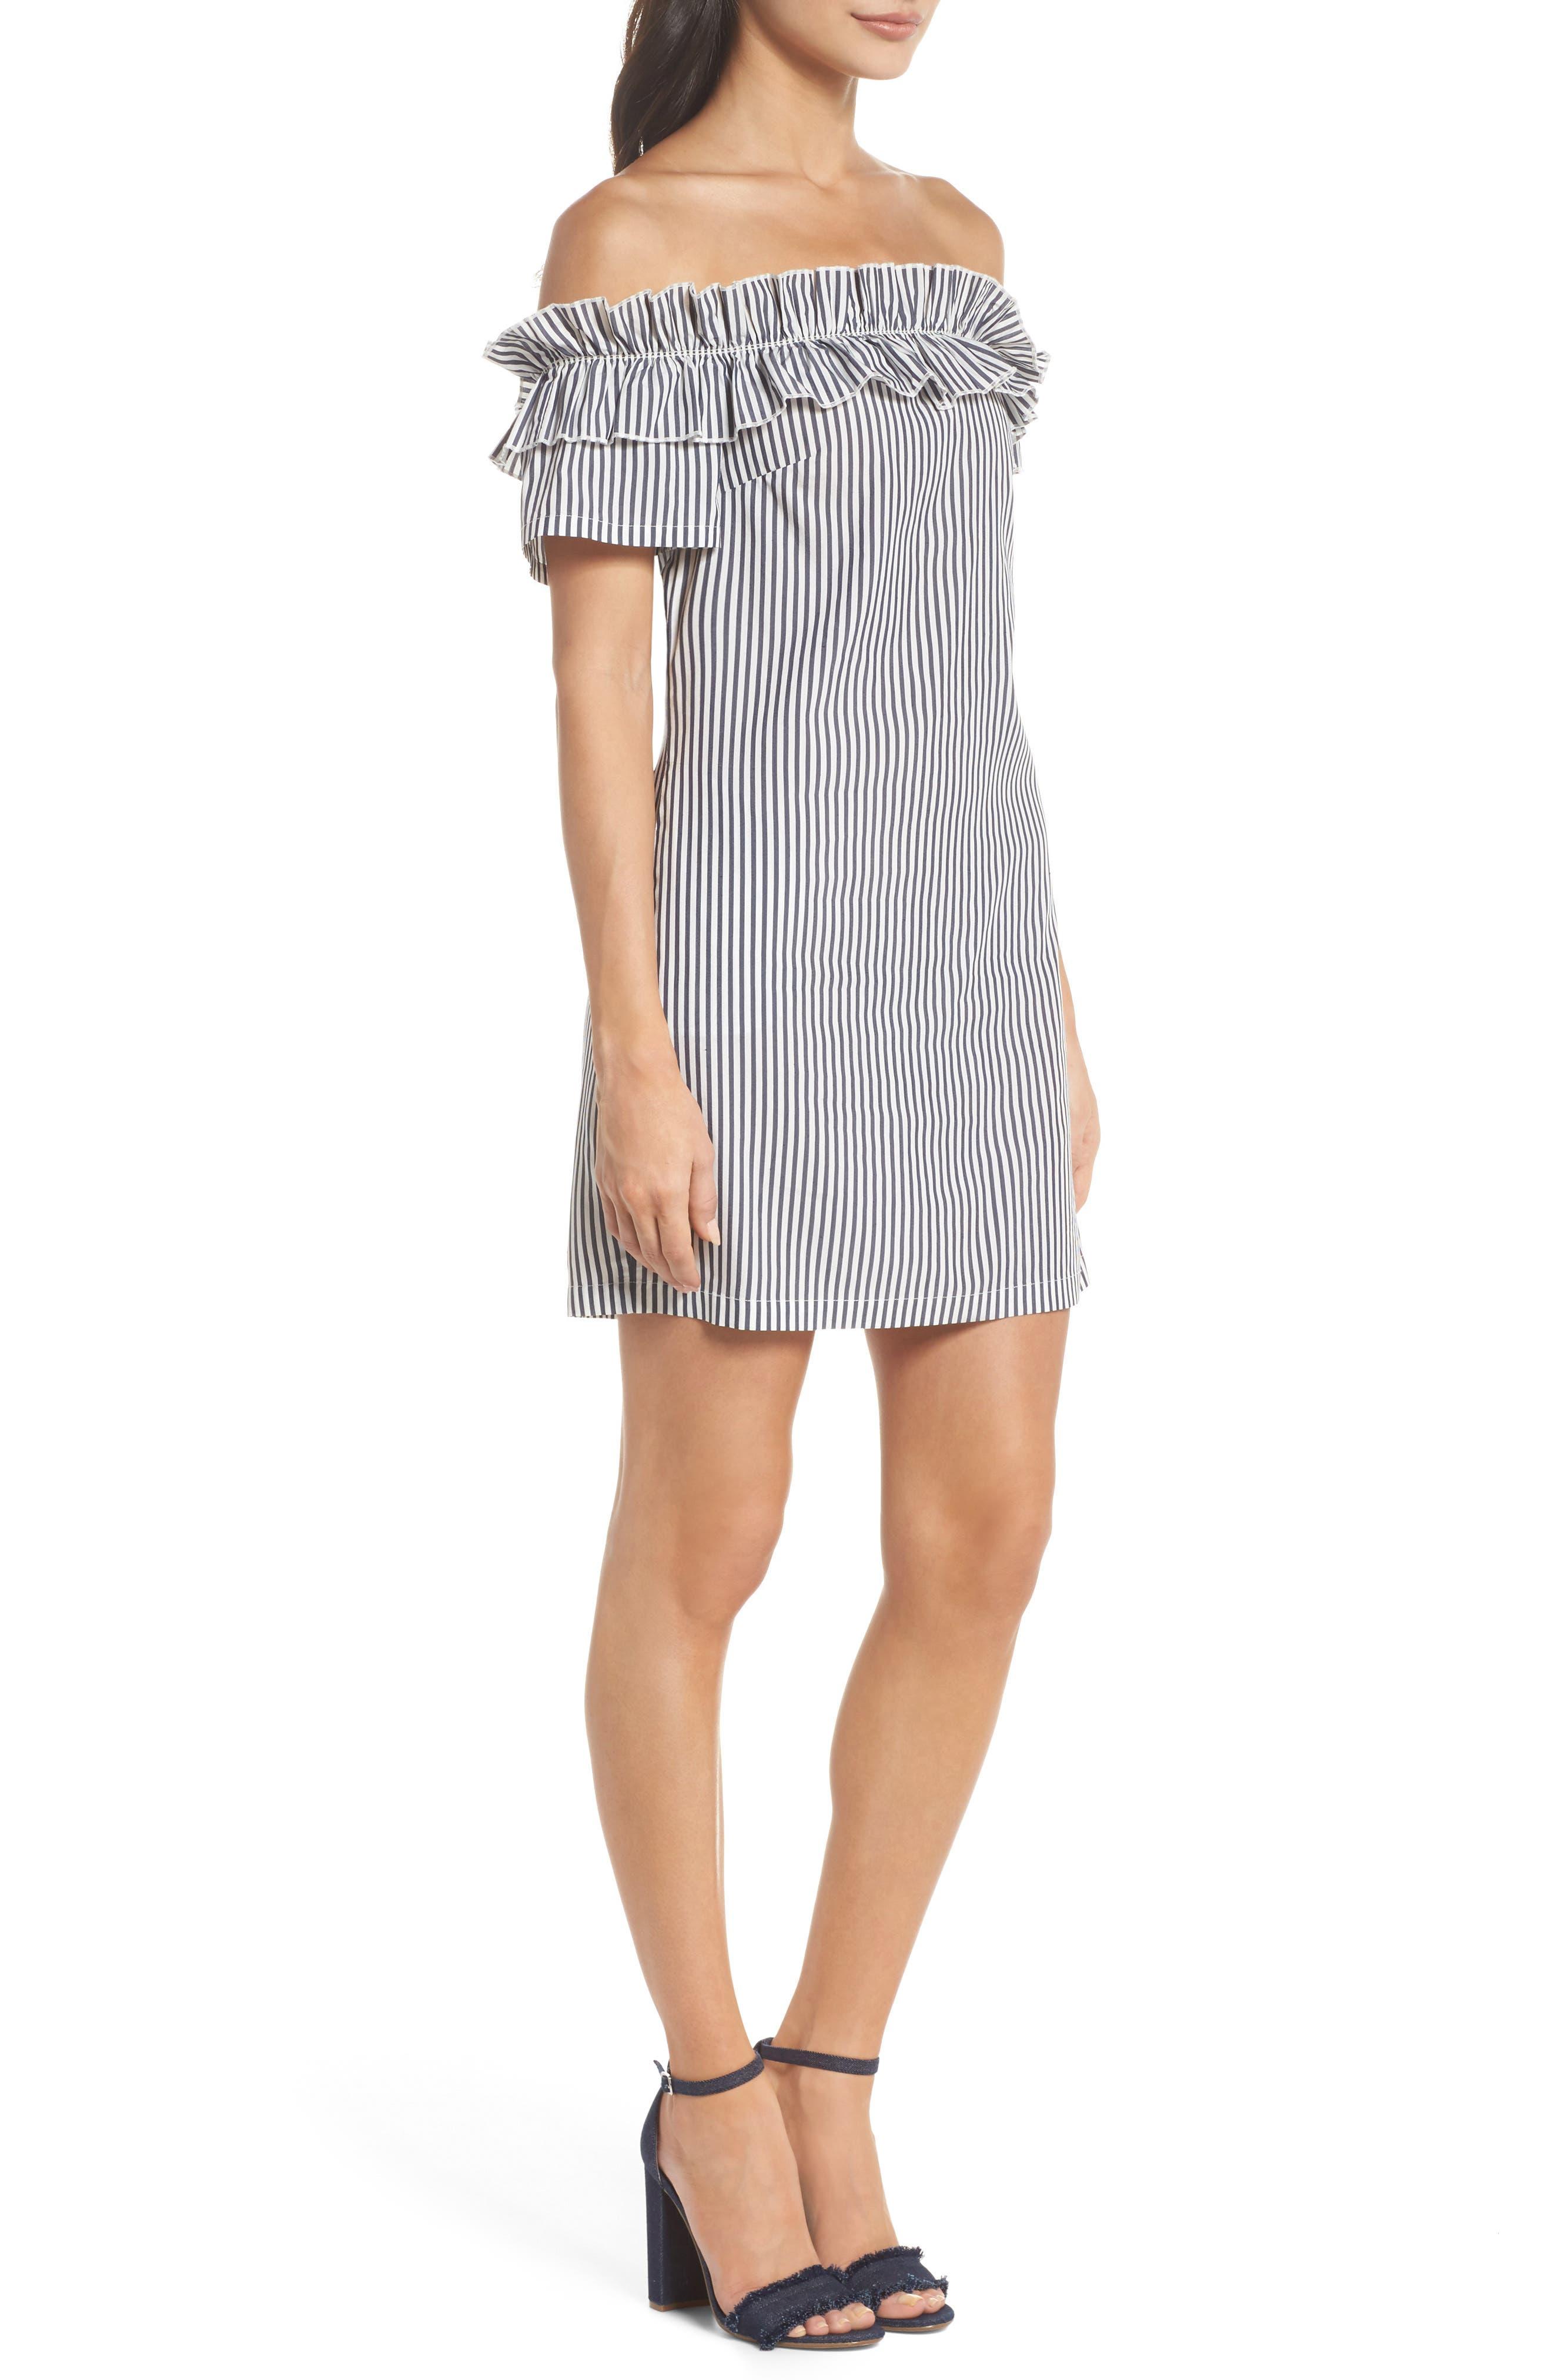 Patio Only Stripe Minidress,                             Alternate thumbnail 3, color,                             Navy/ White Mini Stripe